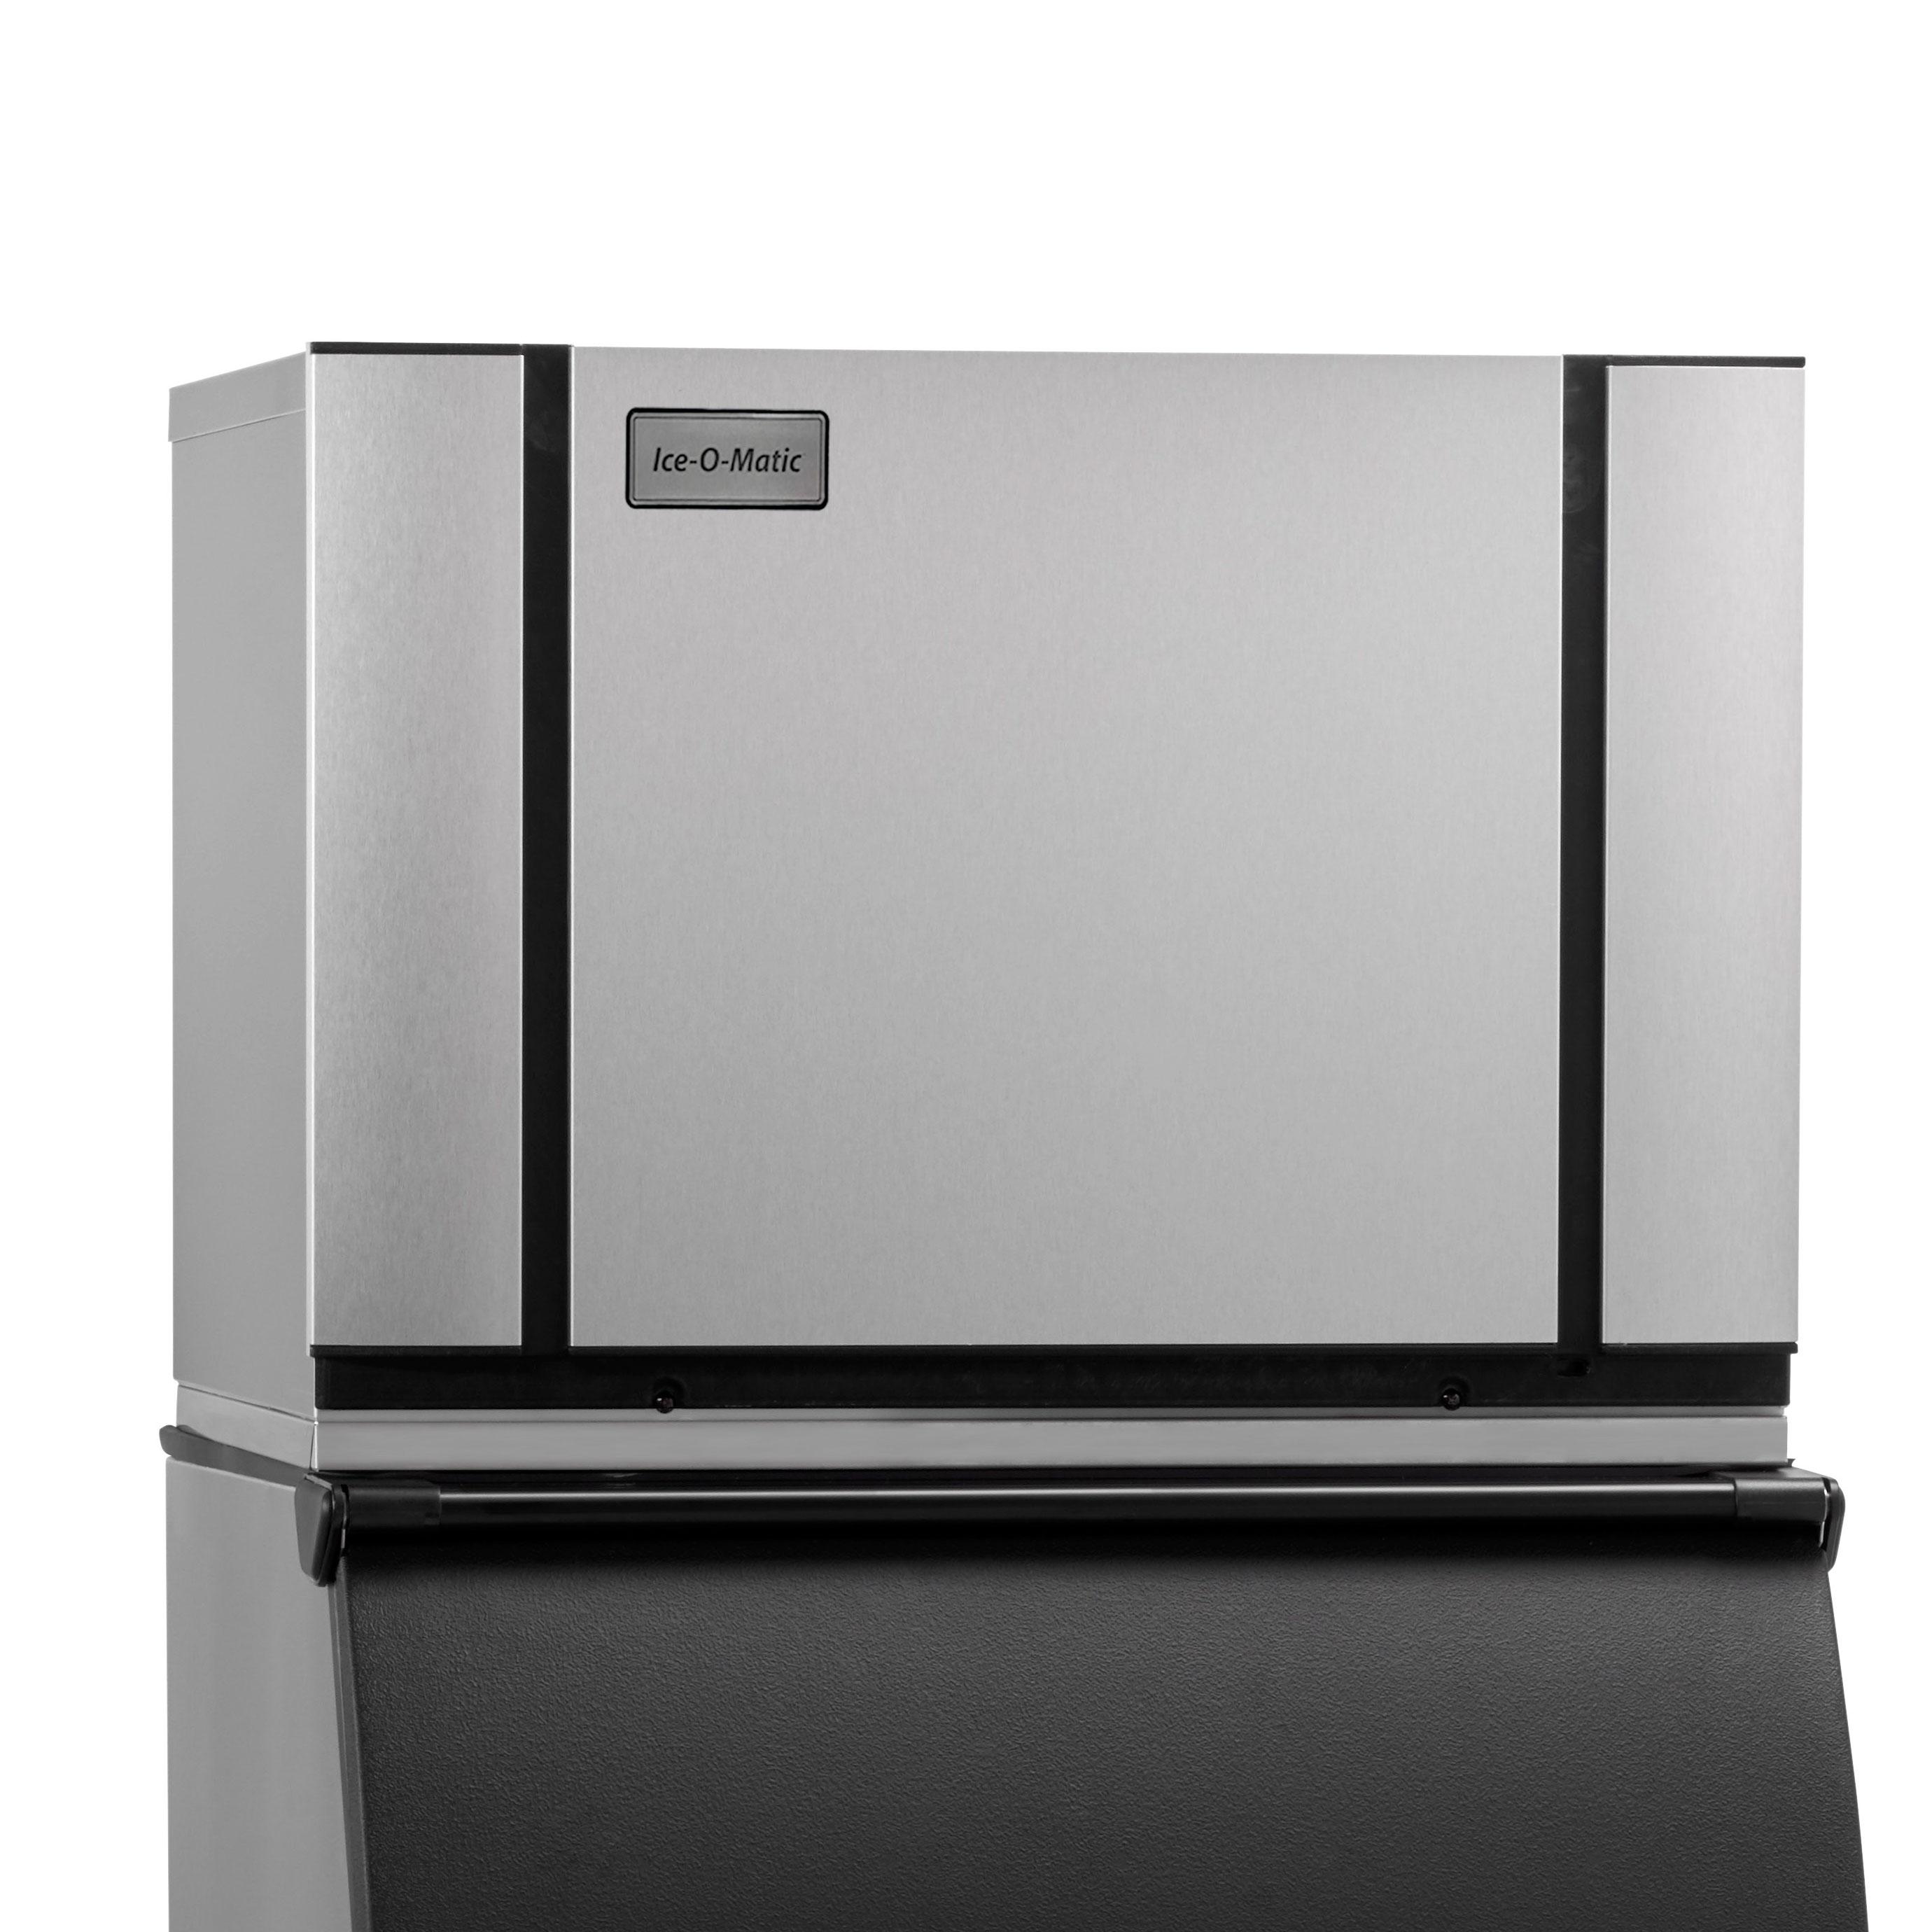 Ice-O-Matic CIM0530FA ice maker, cube-style